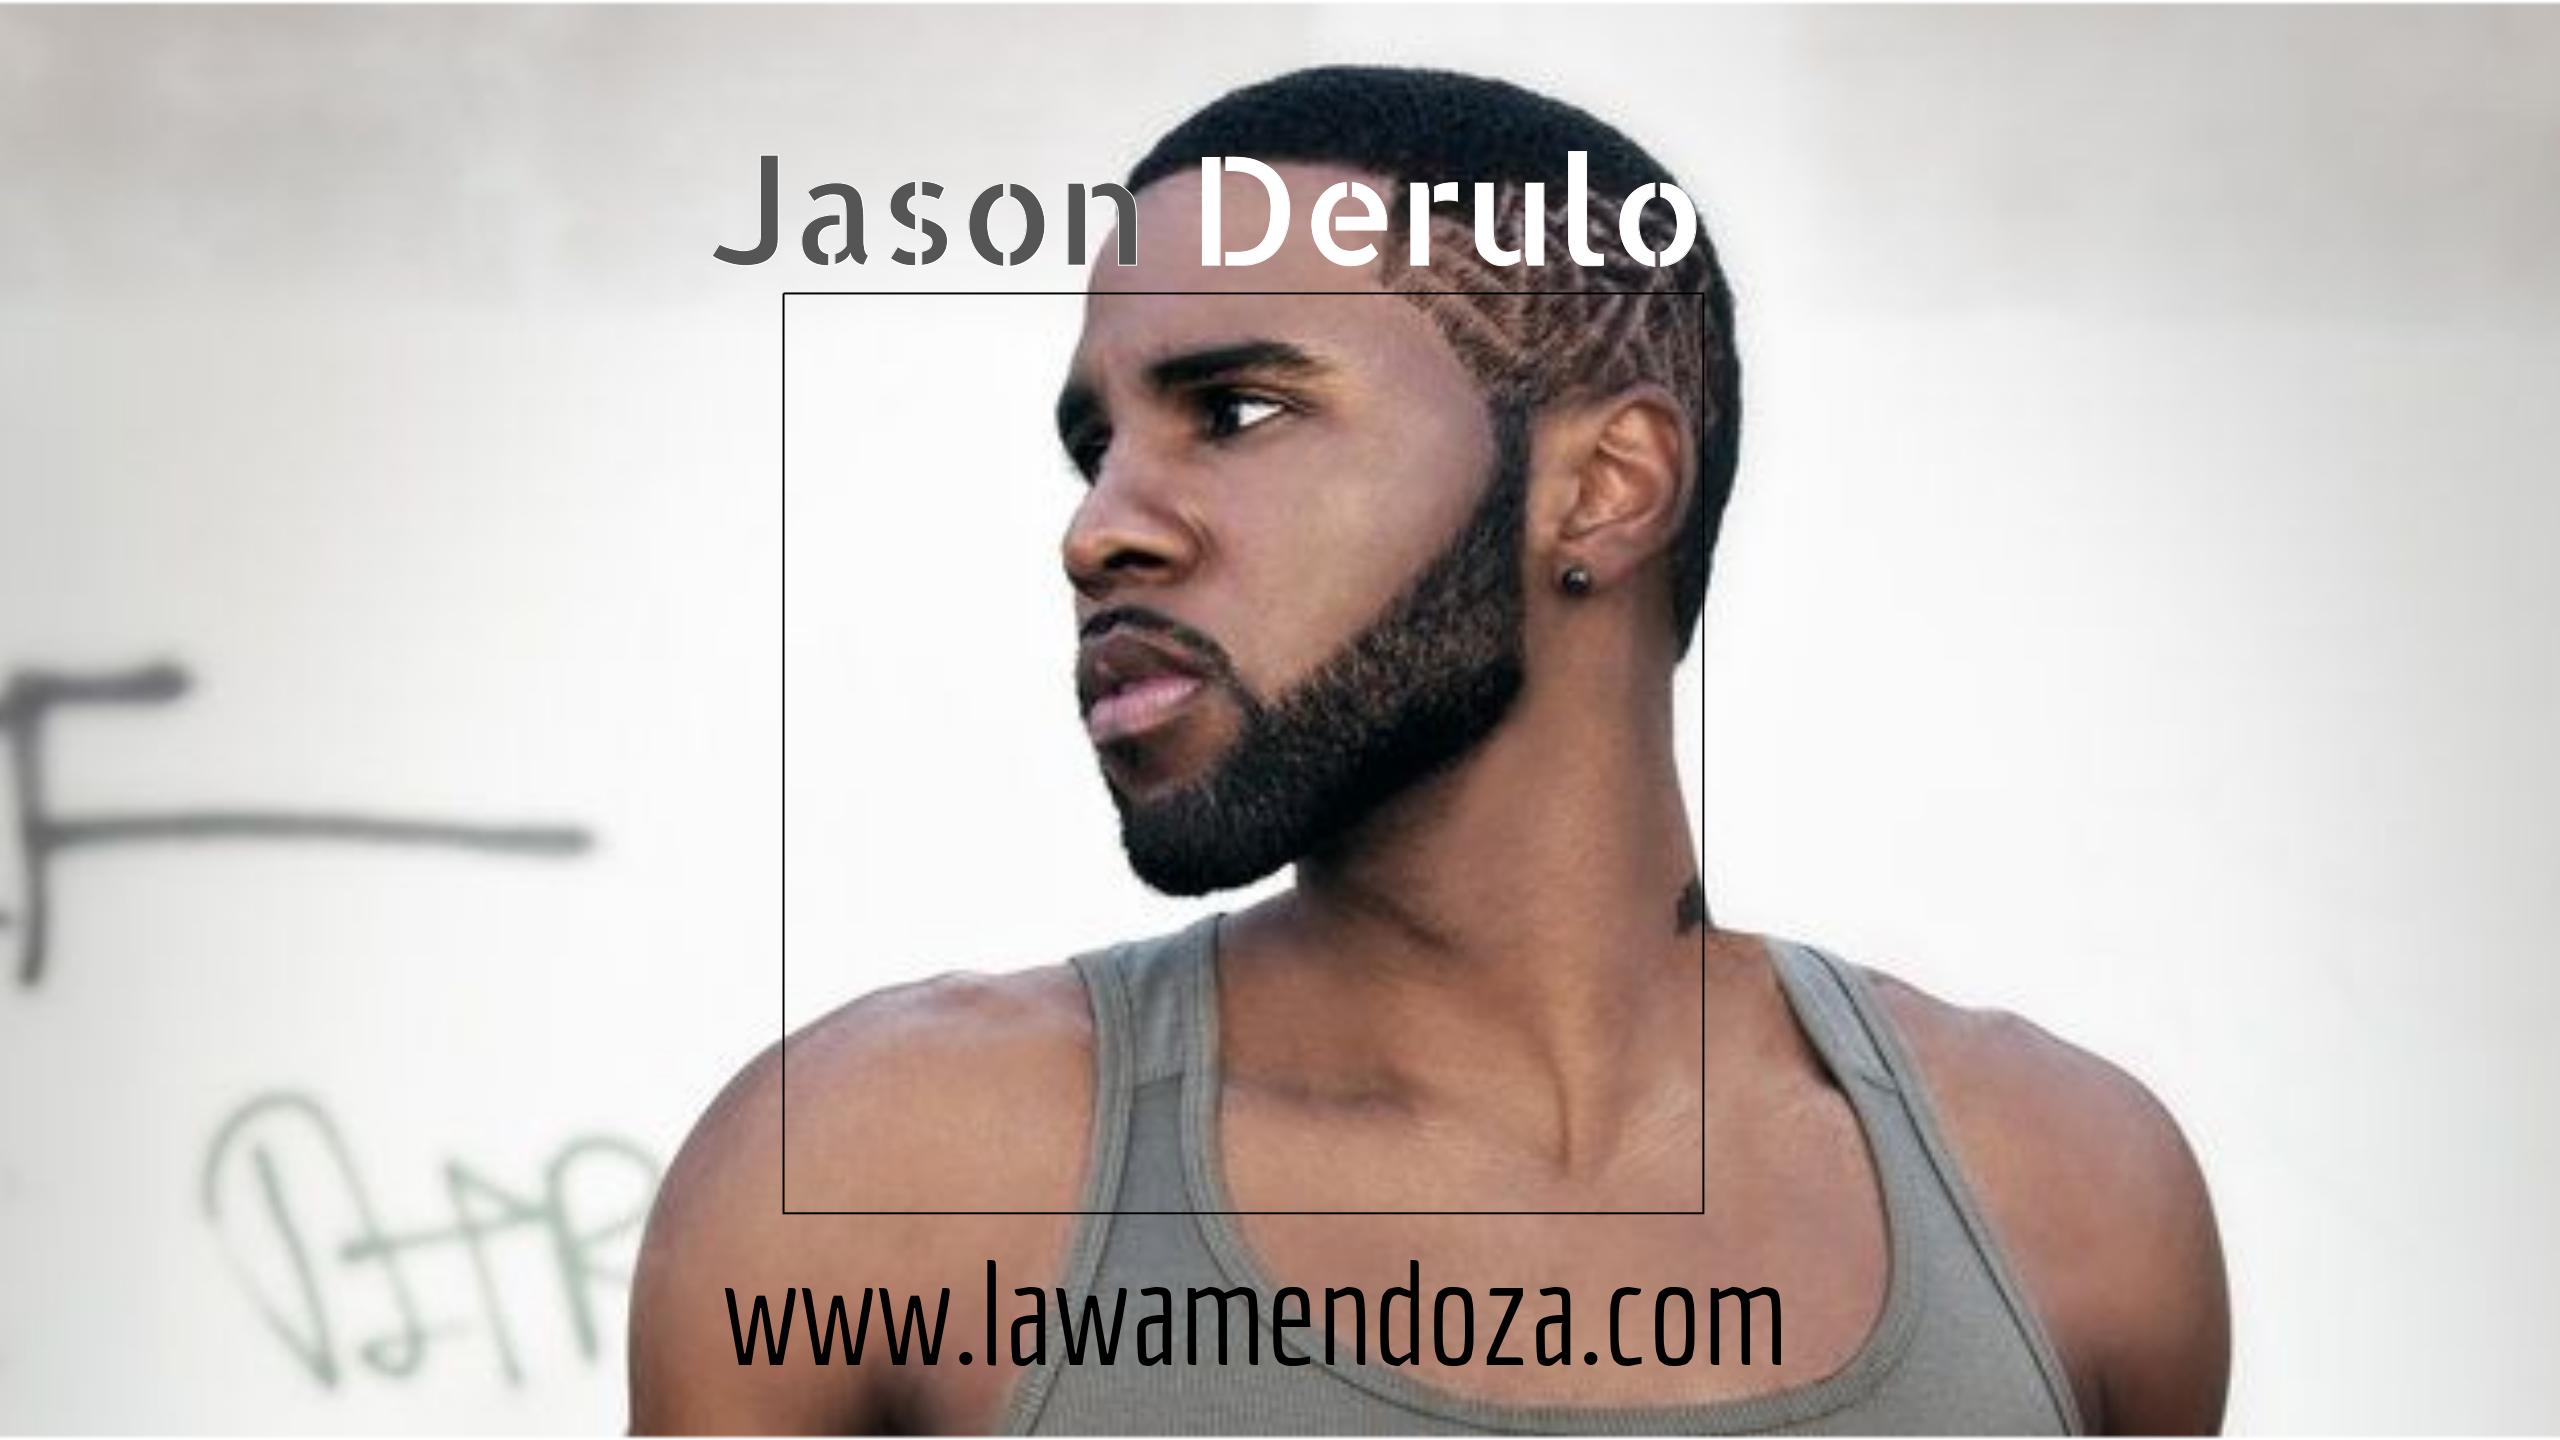 Jason Derulo y el reto de Swalla